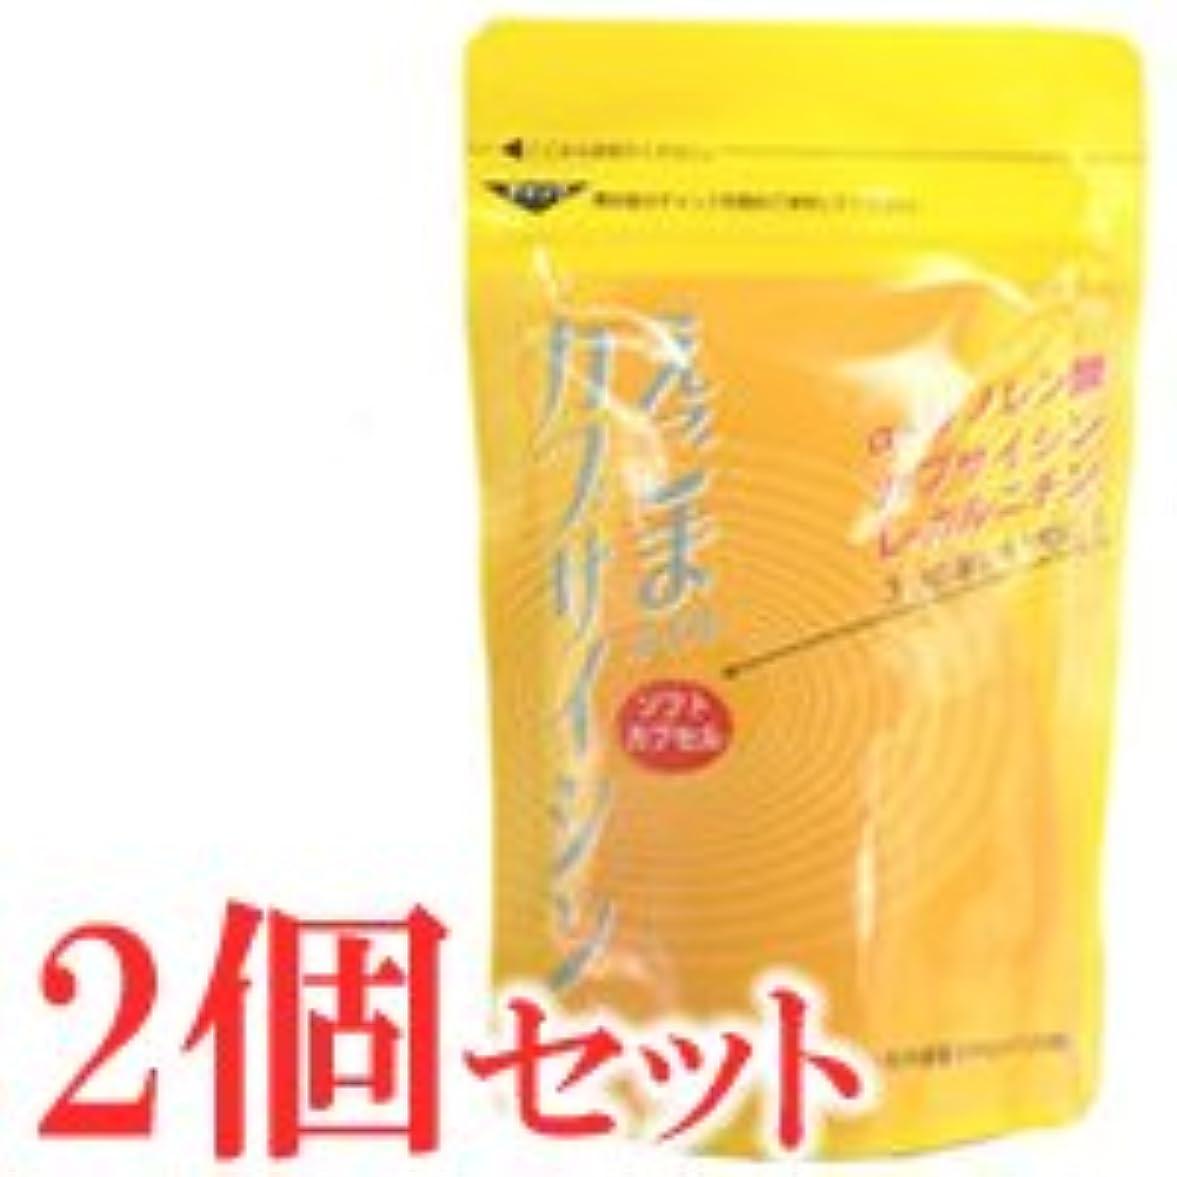 メトロポリタン調和のとれたティッシュえごまオイル カプサイシン 120粒×2袋セット(ソフトカプセル)